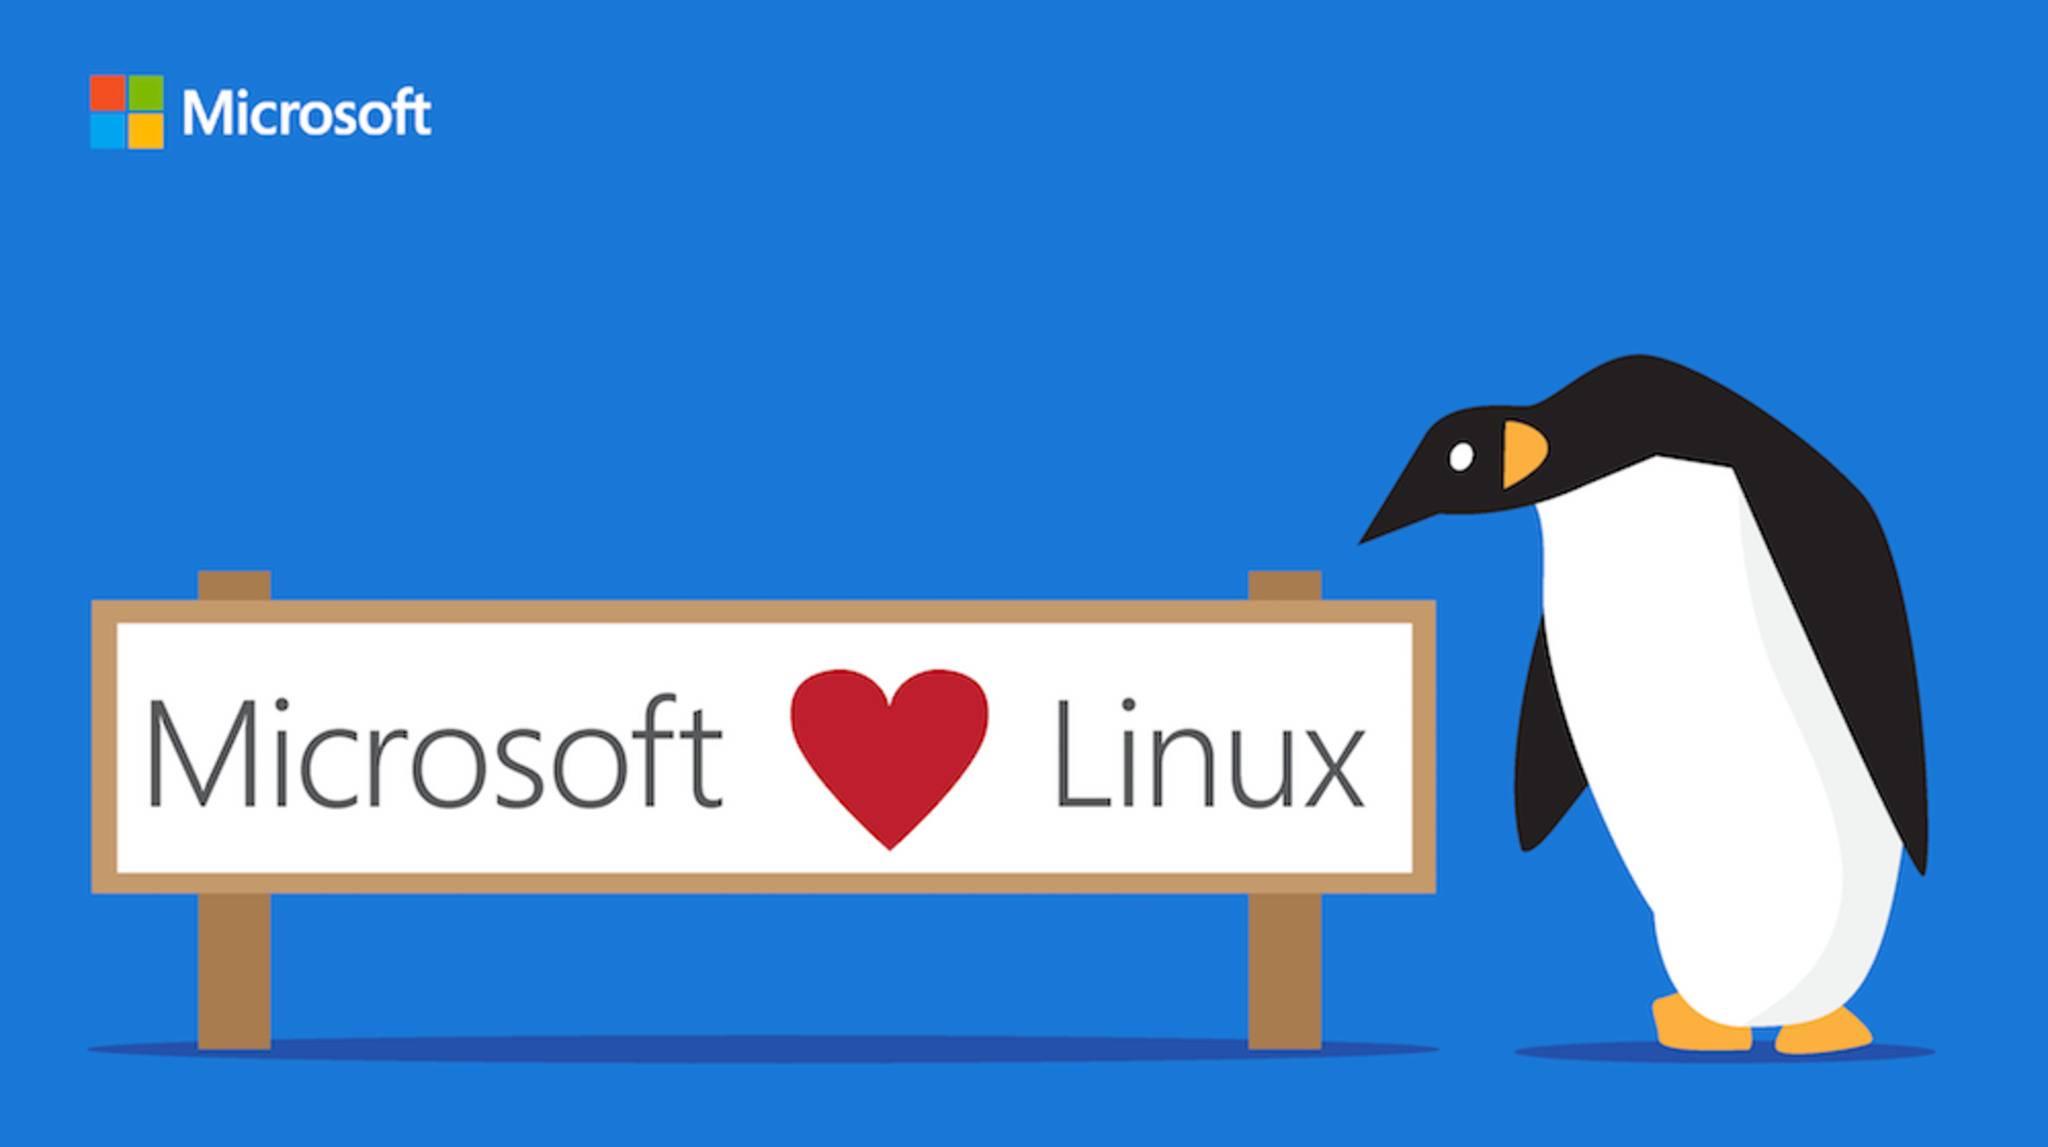 Microsoft mag inzwischen Linux, aber für Durchschnittsanwender ist Linux noch immer nichts.